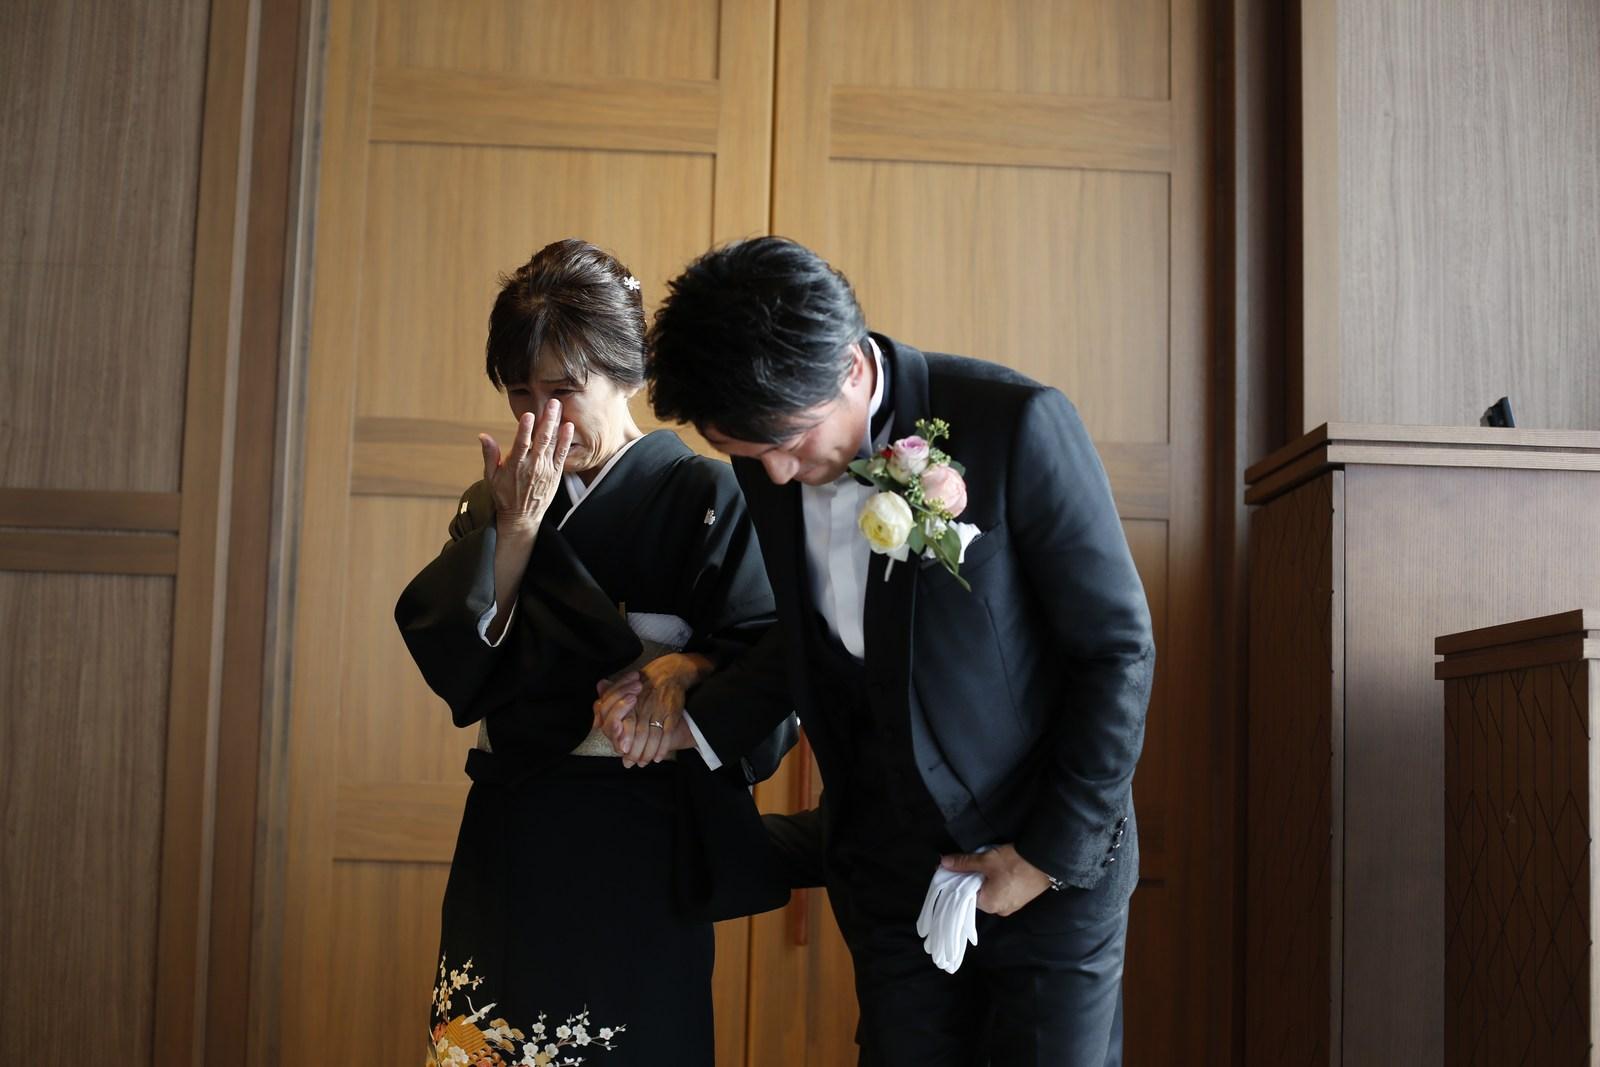 香川県高松市の結婚式場アナザースタイルの新郎と母の退場